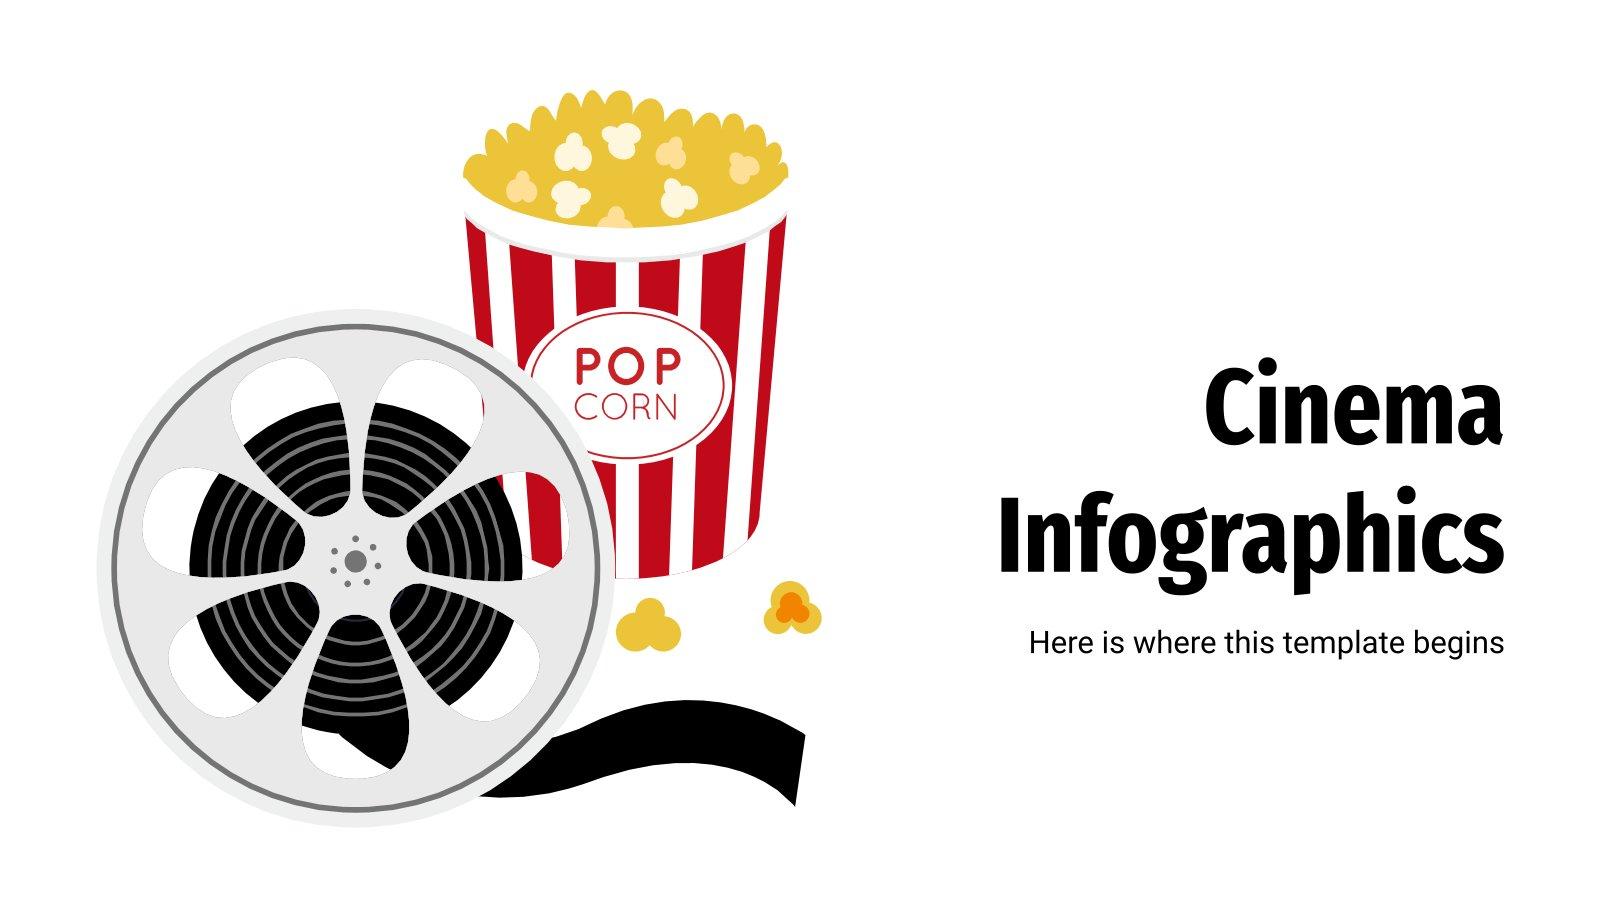 Modelo de apresentação Infográficos de cinema